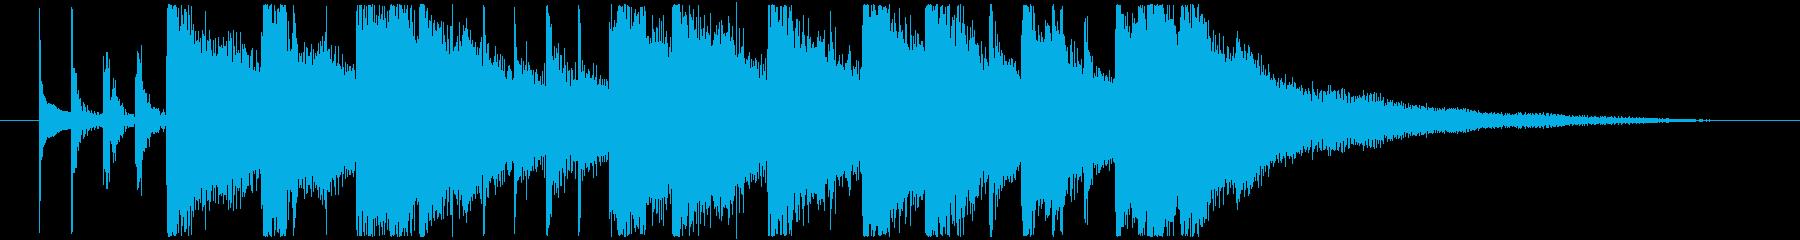 シタールによるインド風妖艶なロゴBの再生済みの波形